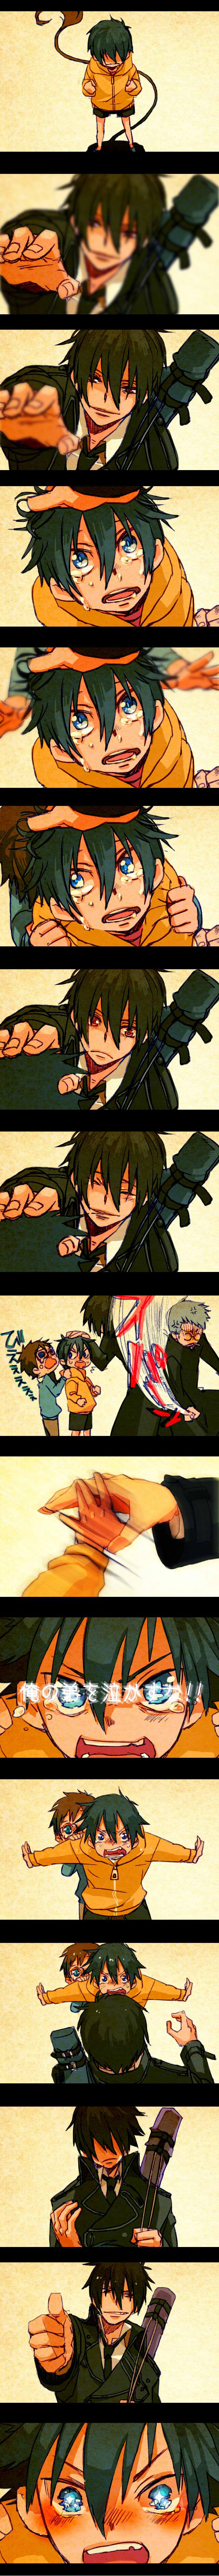 Tags: Anime, The Miyama-Uguisu Mansion Incident, Ao no Exorcist, Okumura Yukio, Night (The Miyama-Uguisu Mansion Incident), Okumura Rin, Fujimoto Shirou, Hitting, Blue Exorcist